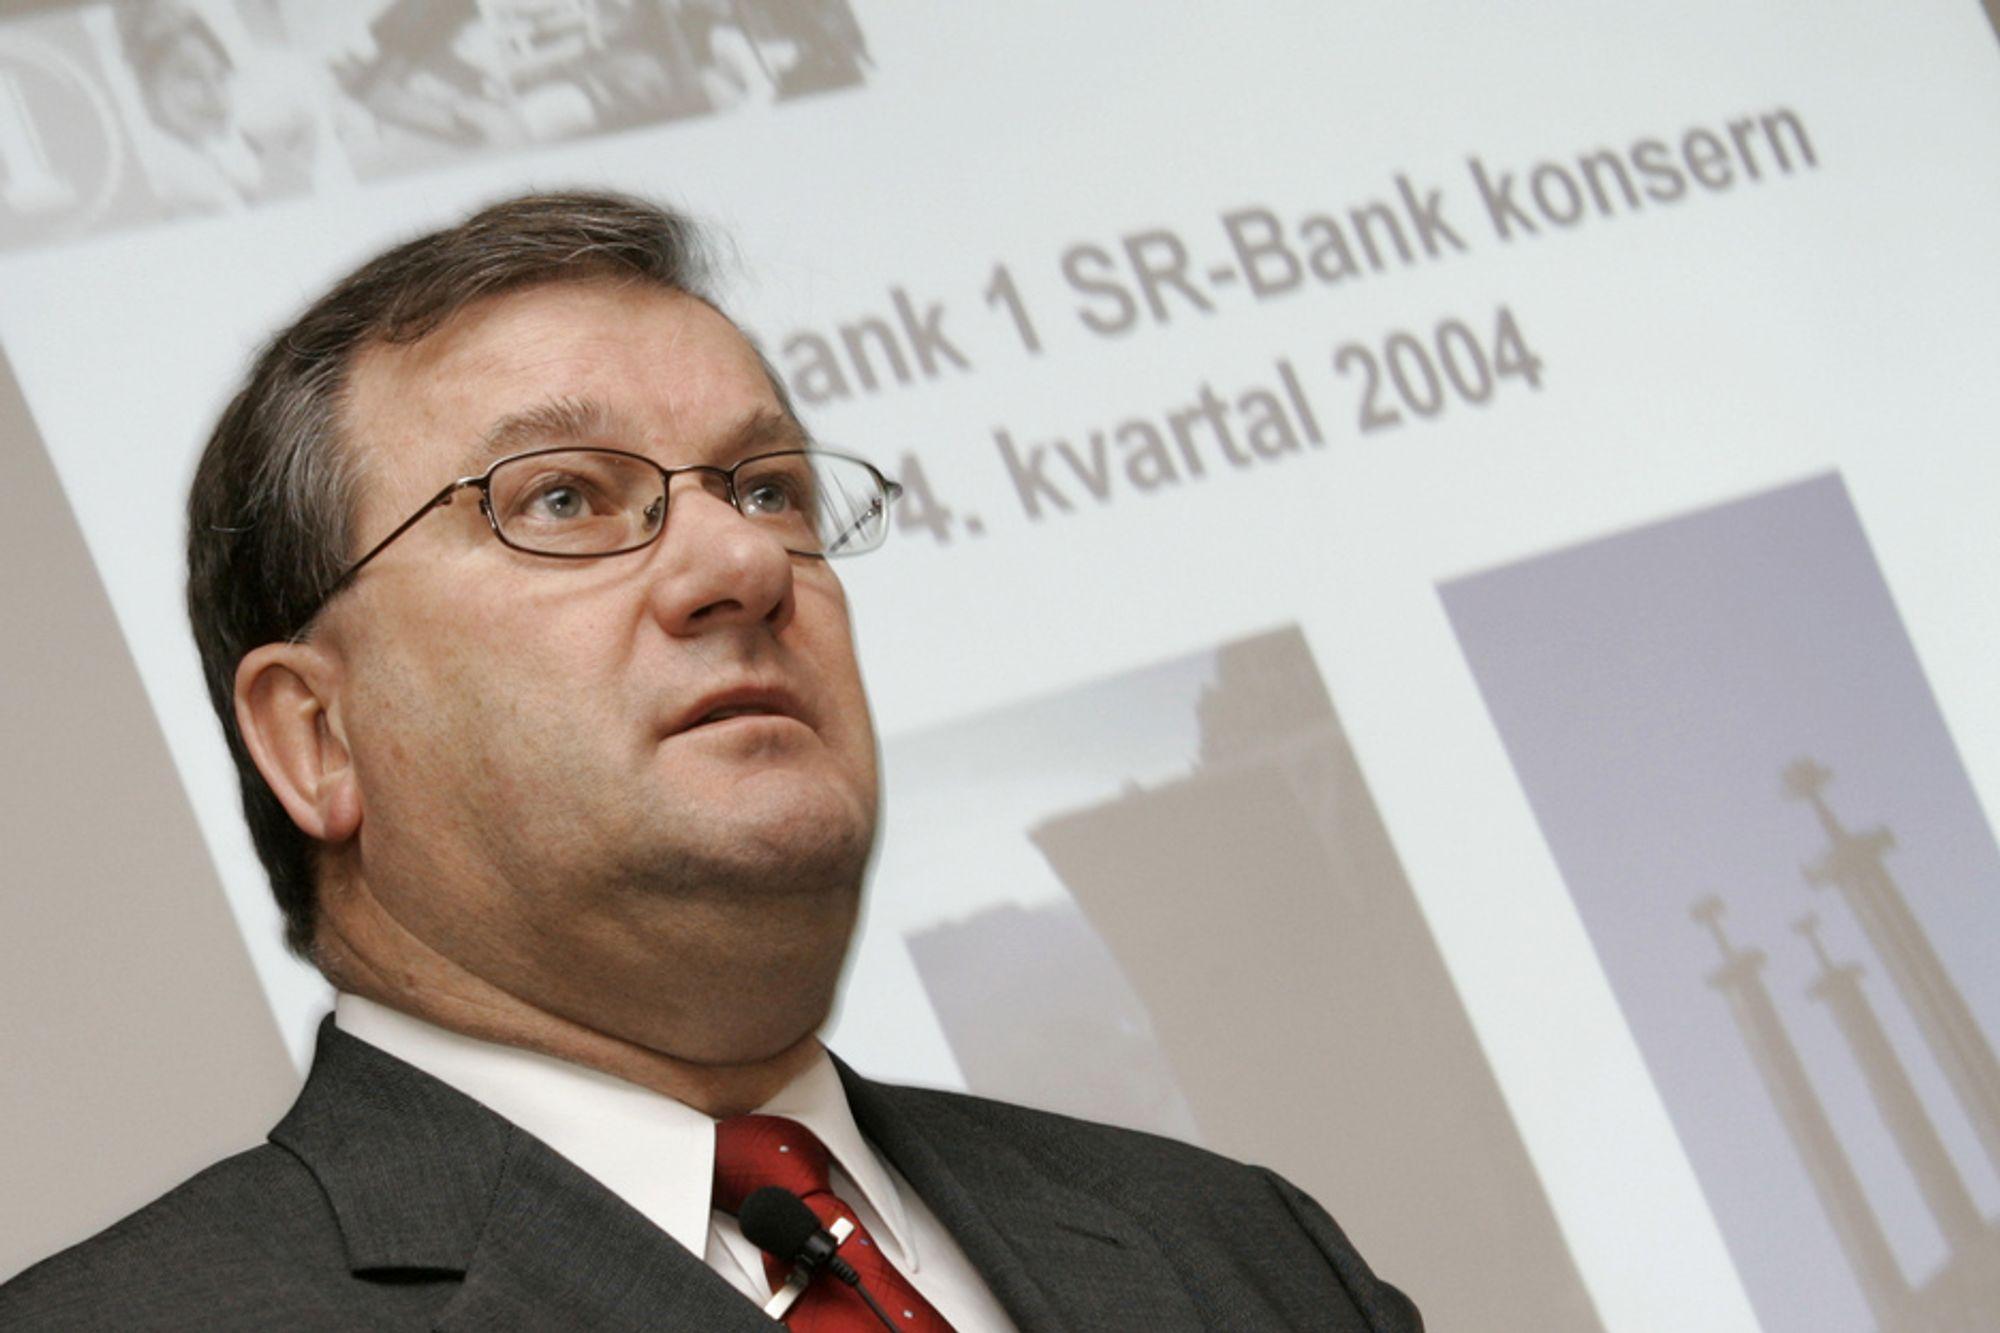 Direktør Terje Vareberg i SR-Bank er innstilt som ny styreleder i Norsk Hydro. Arkivfoto: Heiko Junge / SCANPIX